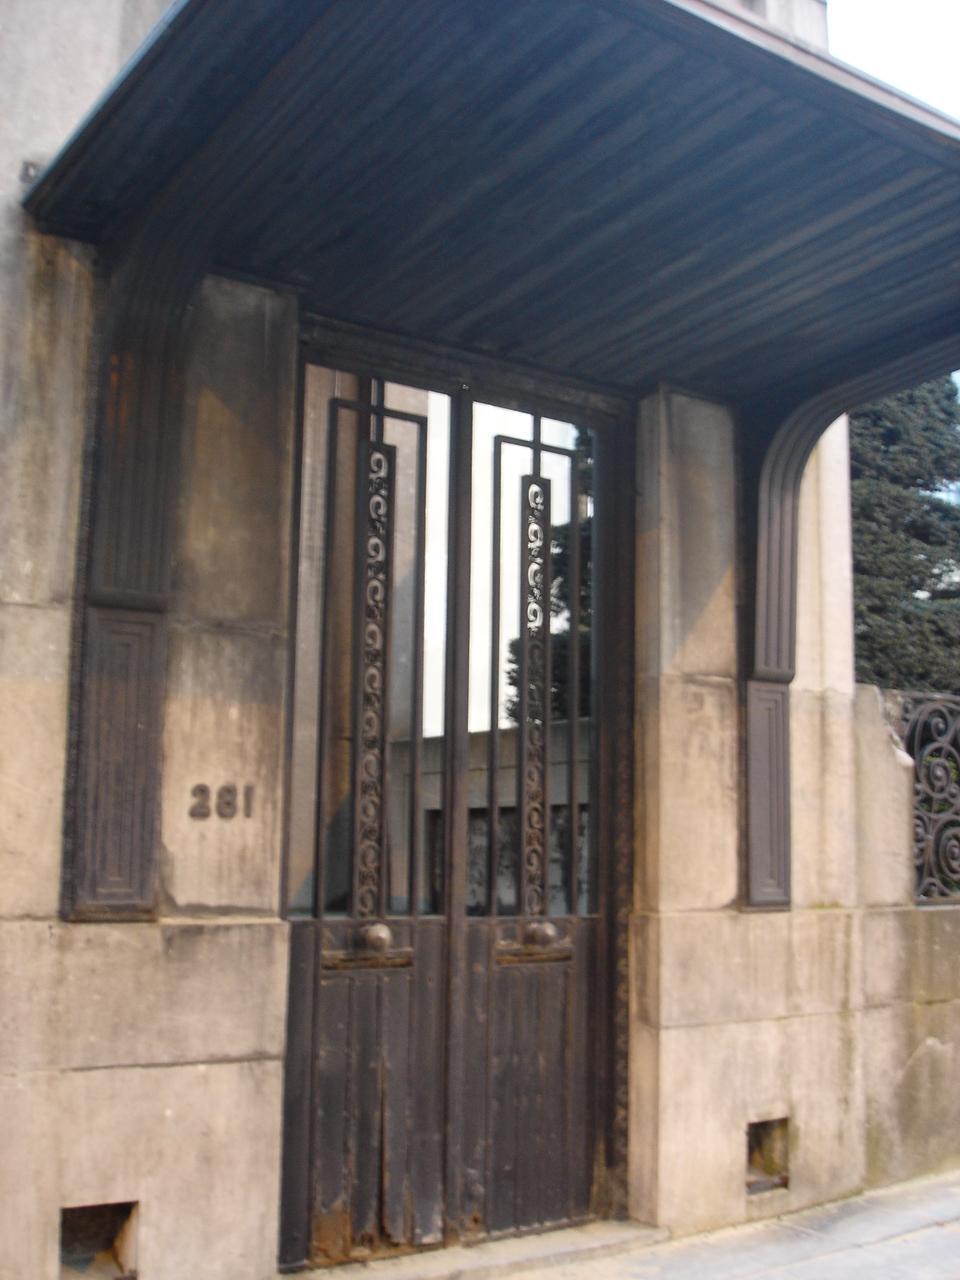 ストックレー邸の画像 p1_26